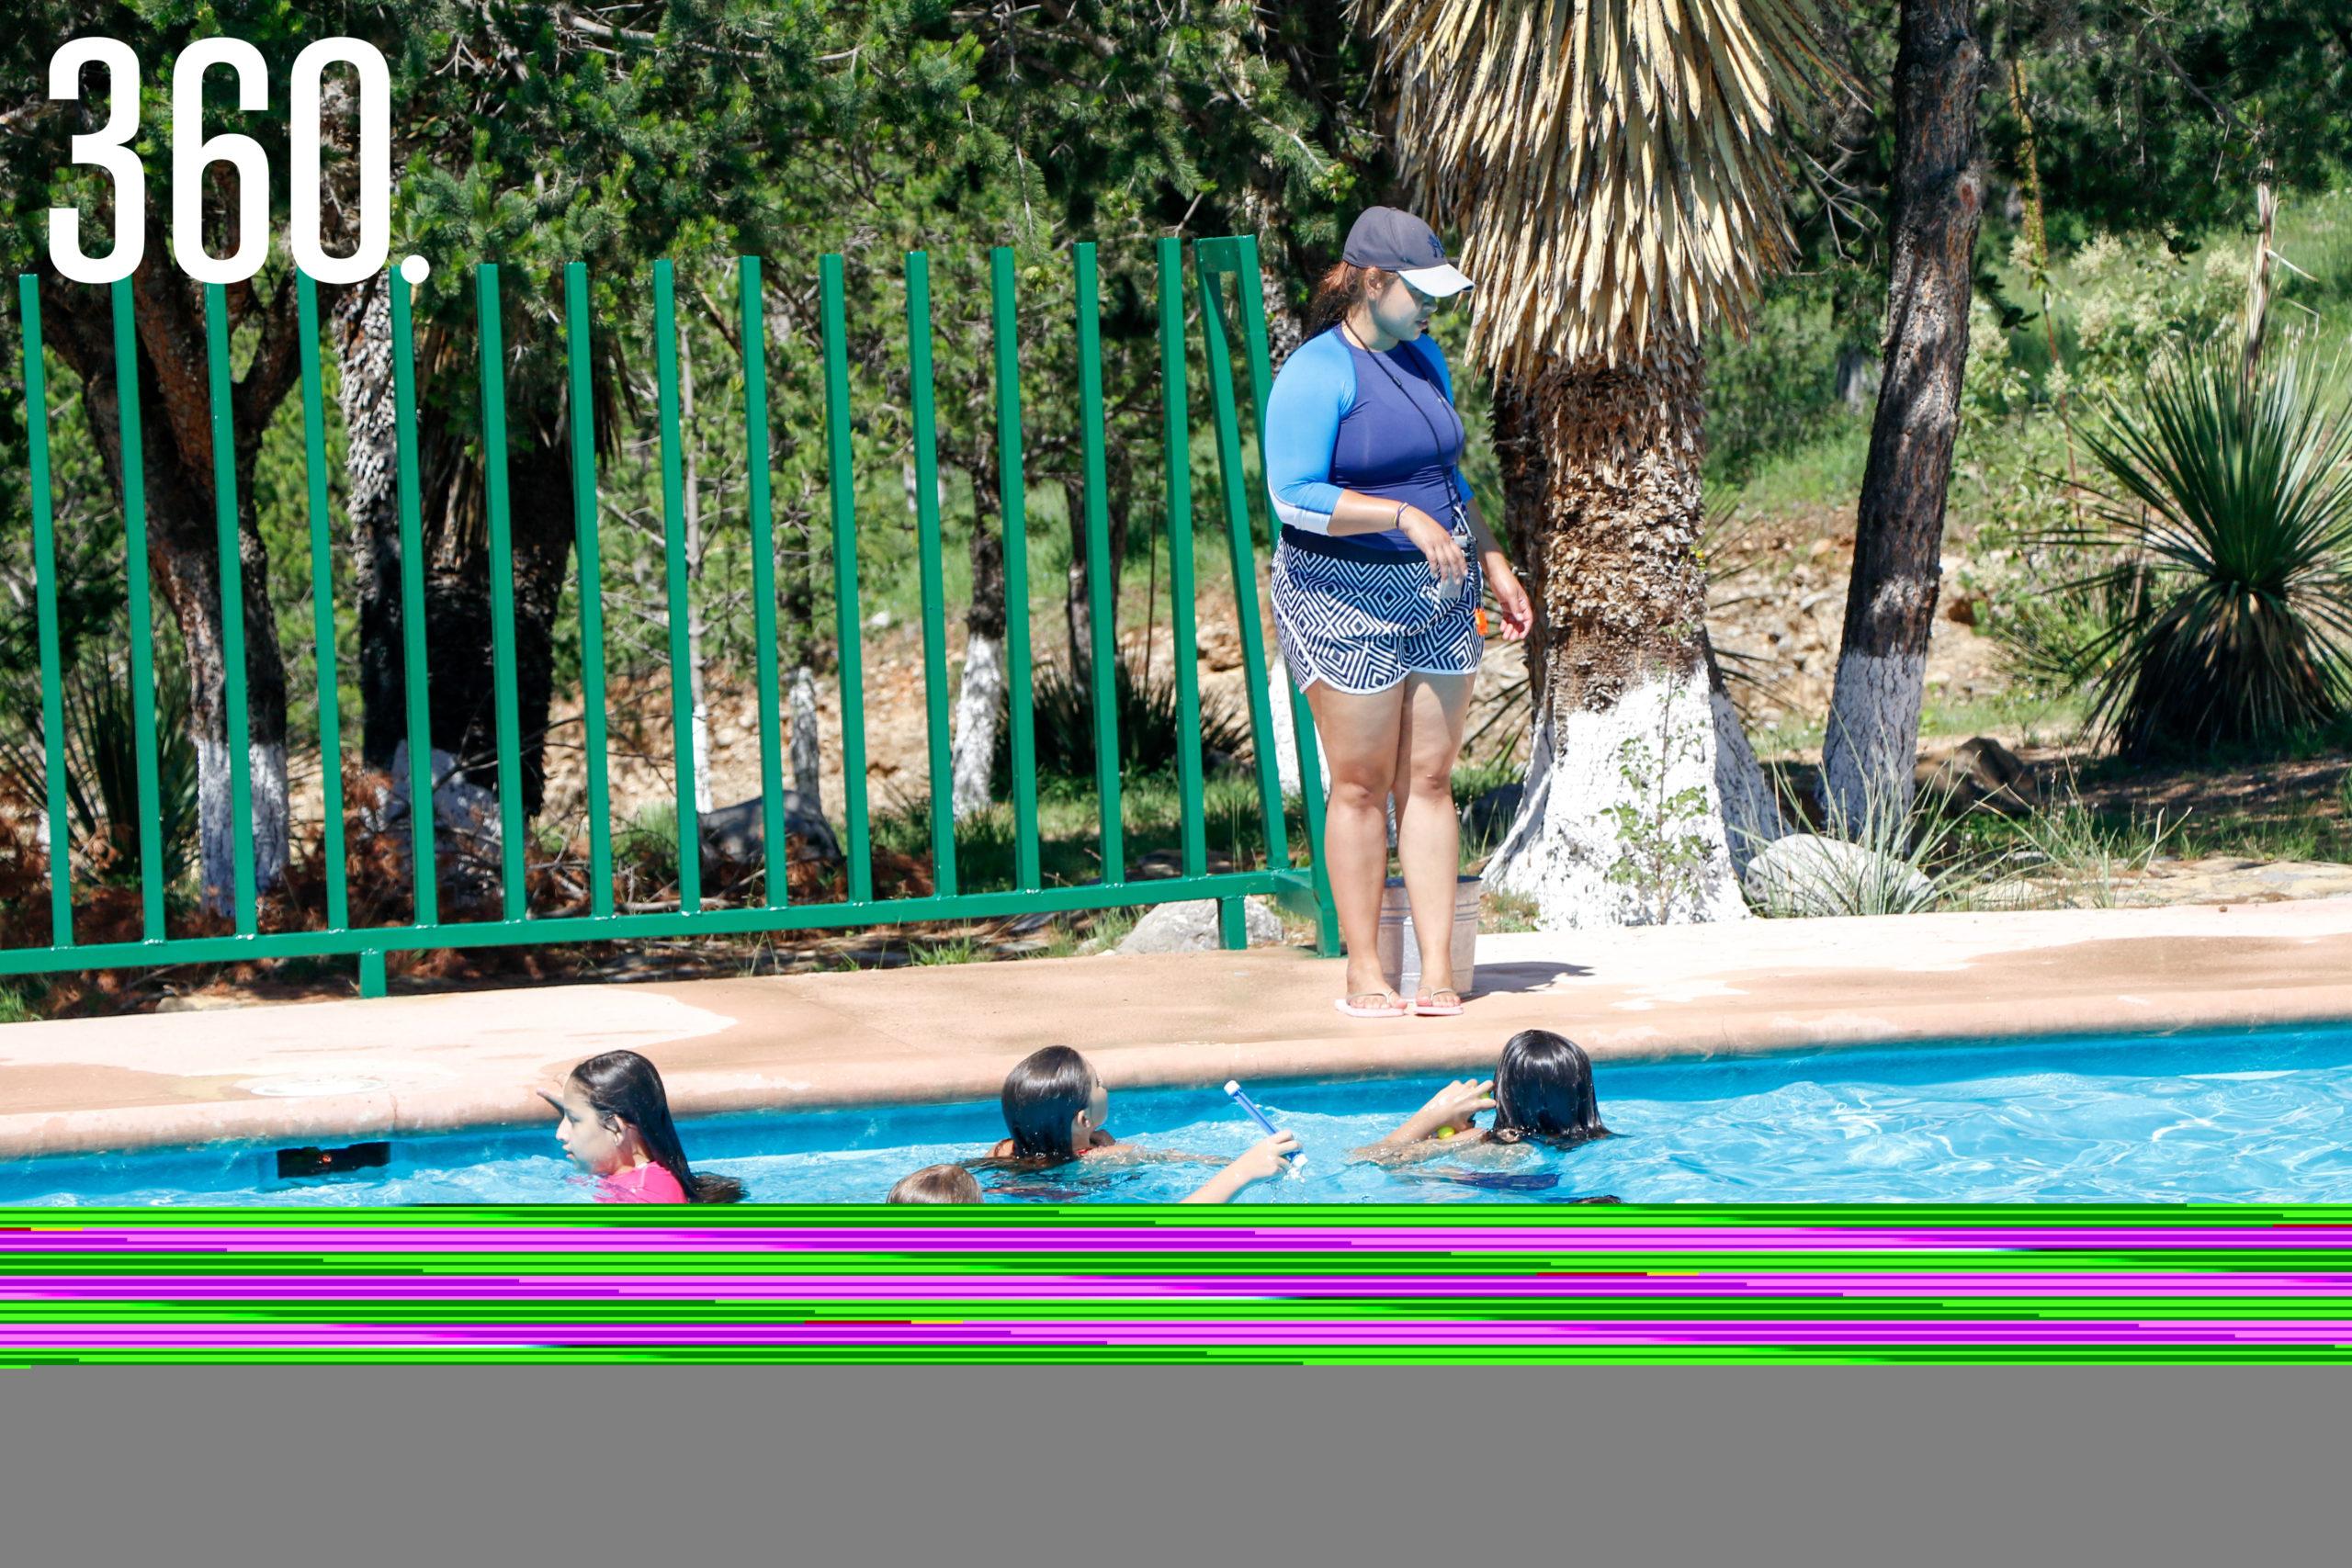 Teotepec ofrece diferentes actividades para sus visitantes.